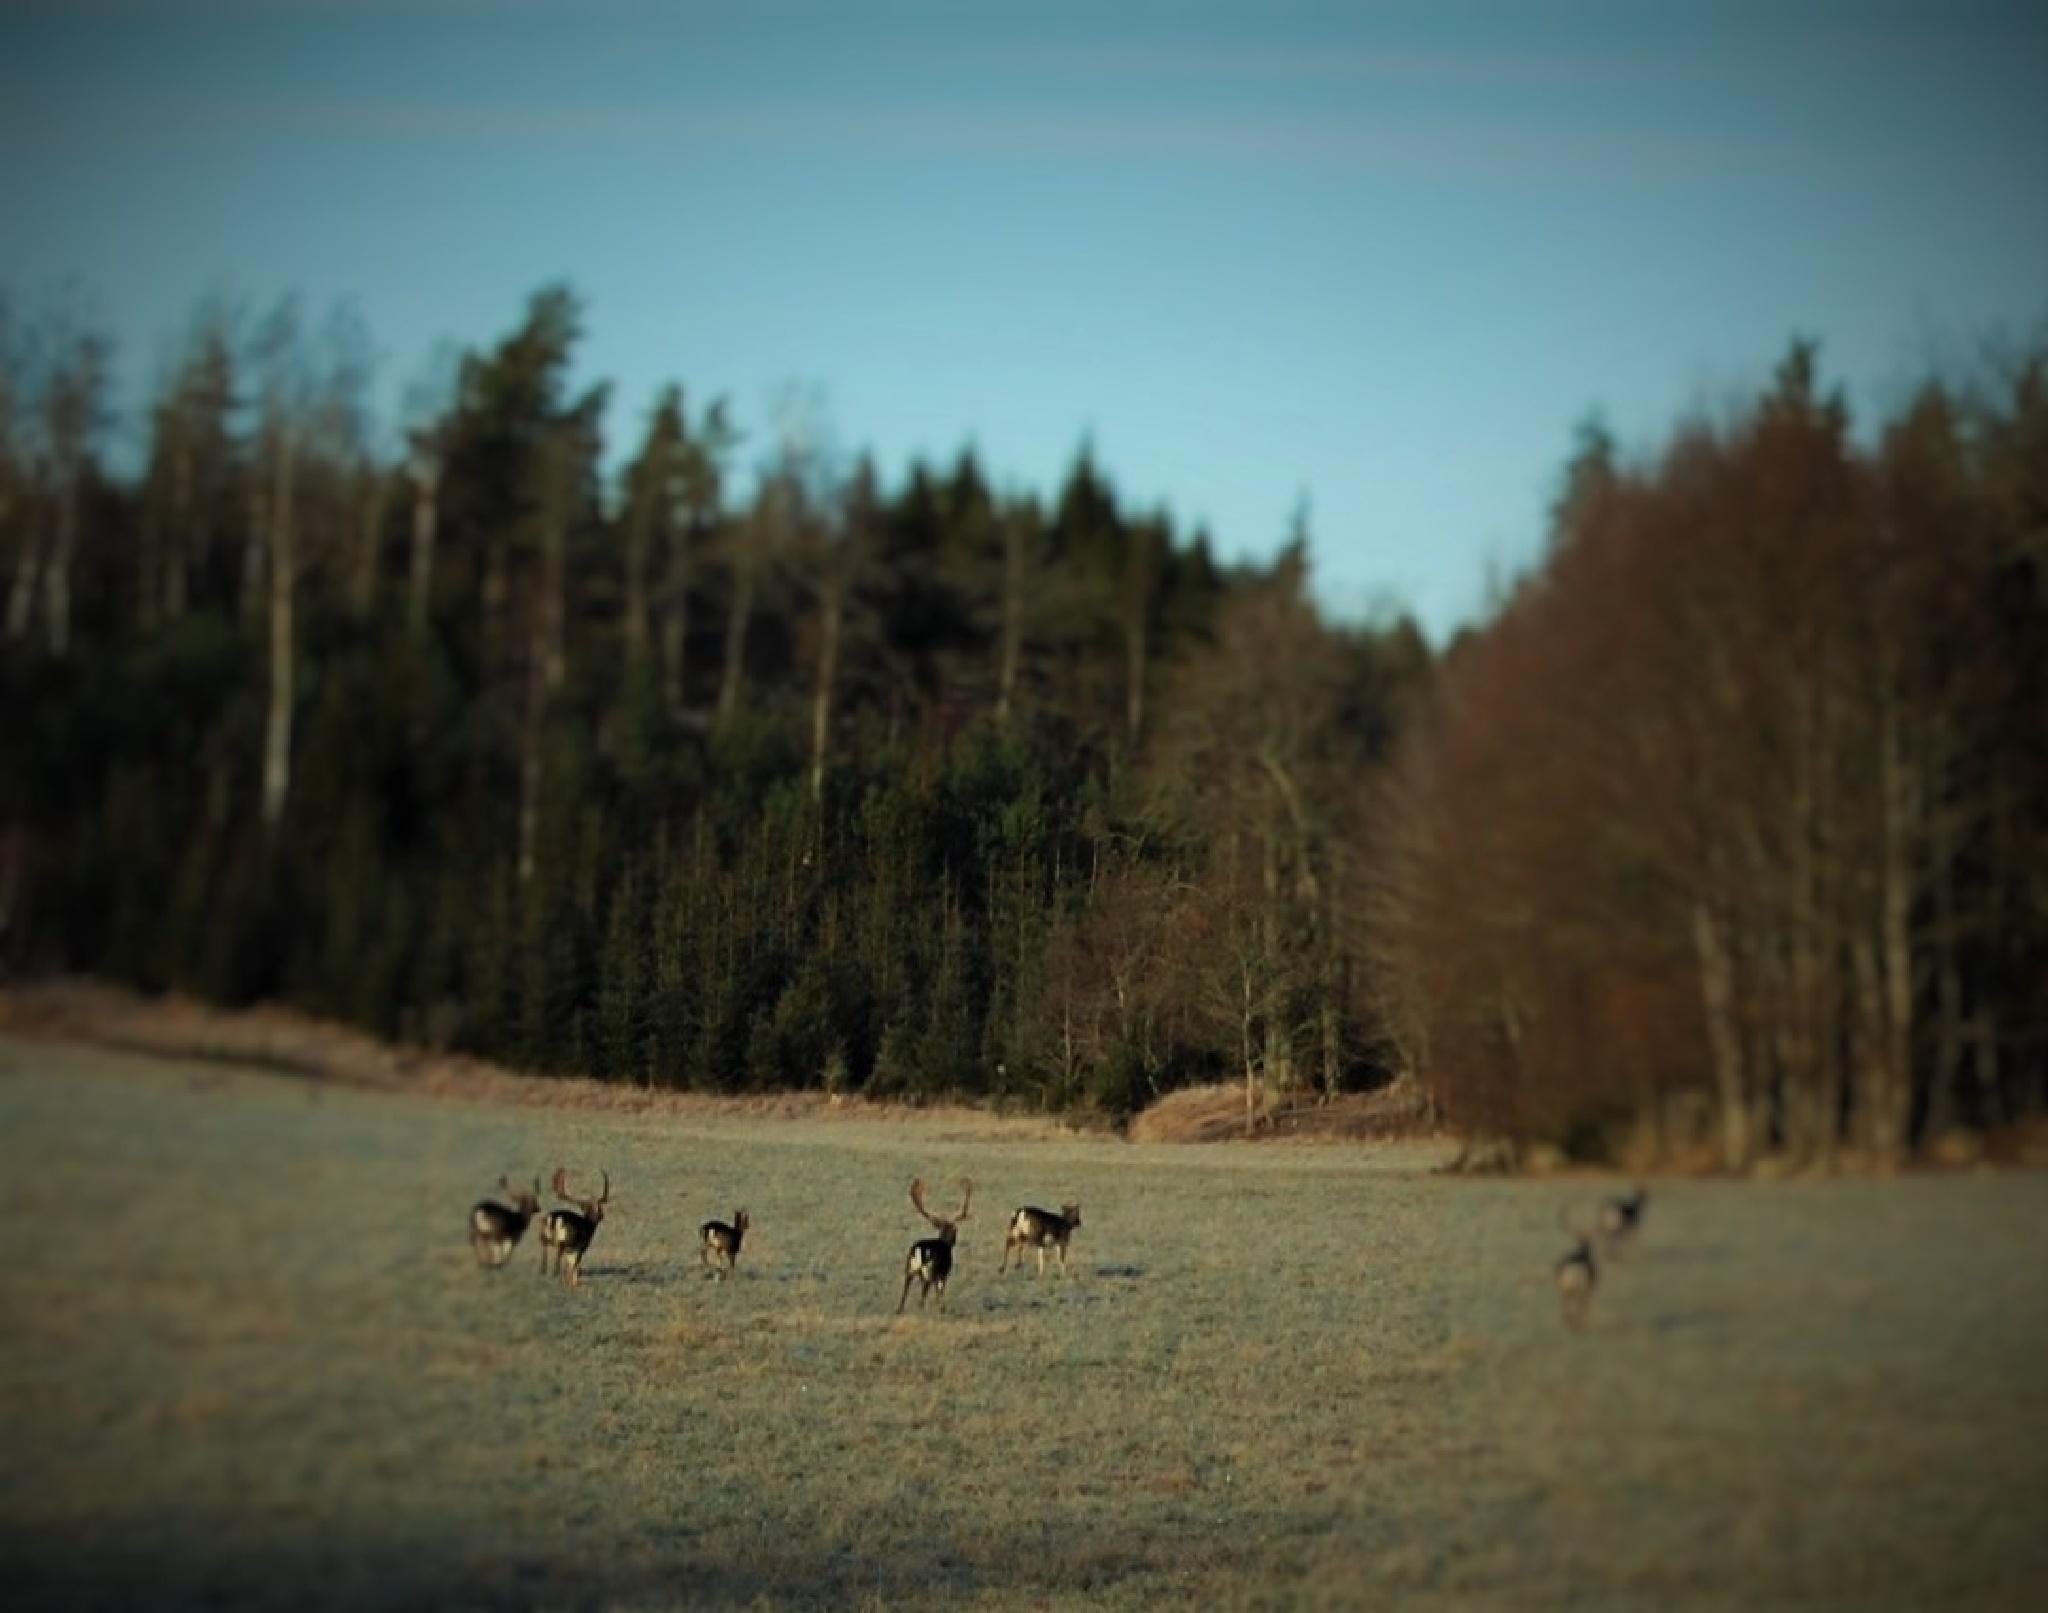 Whay are the runing away! by lillemor.ekstrom ek